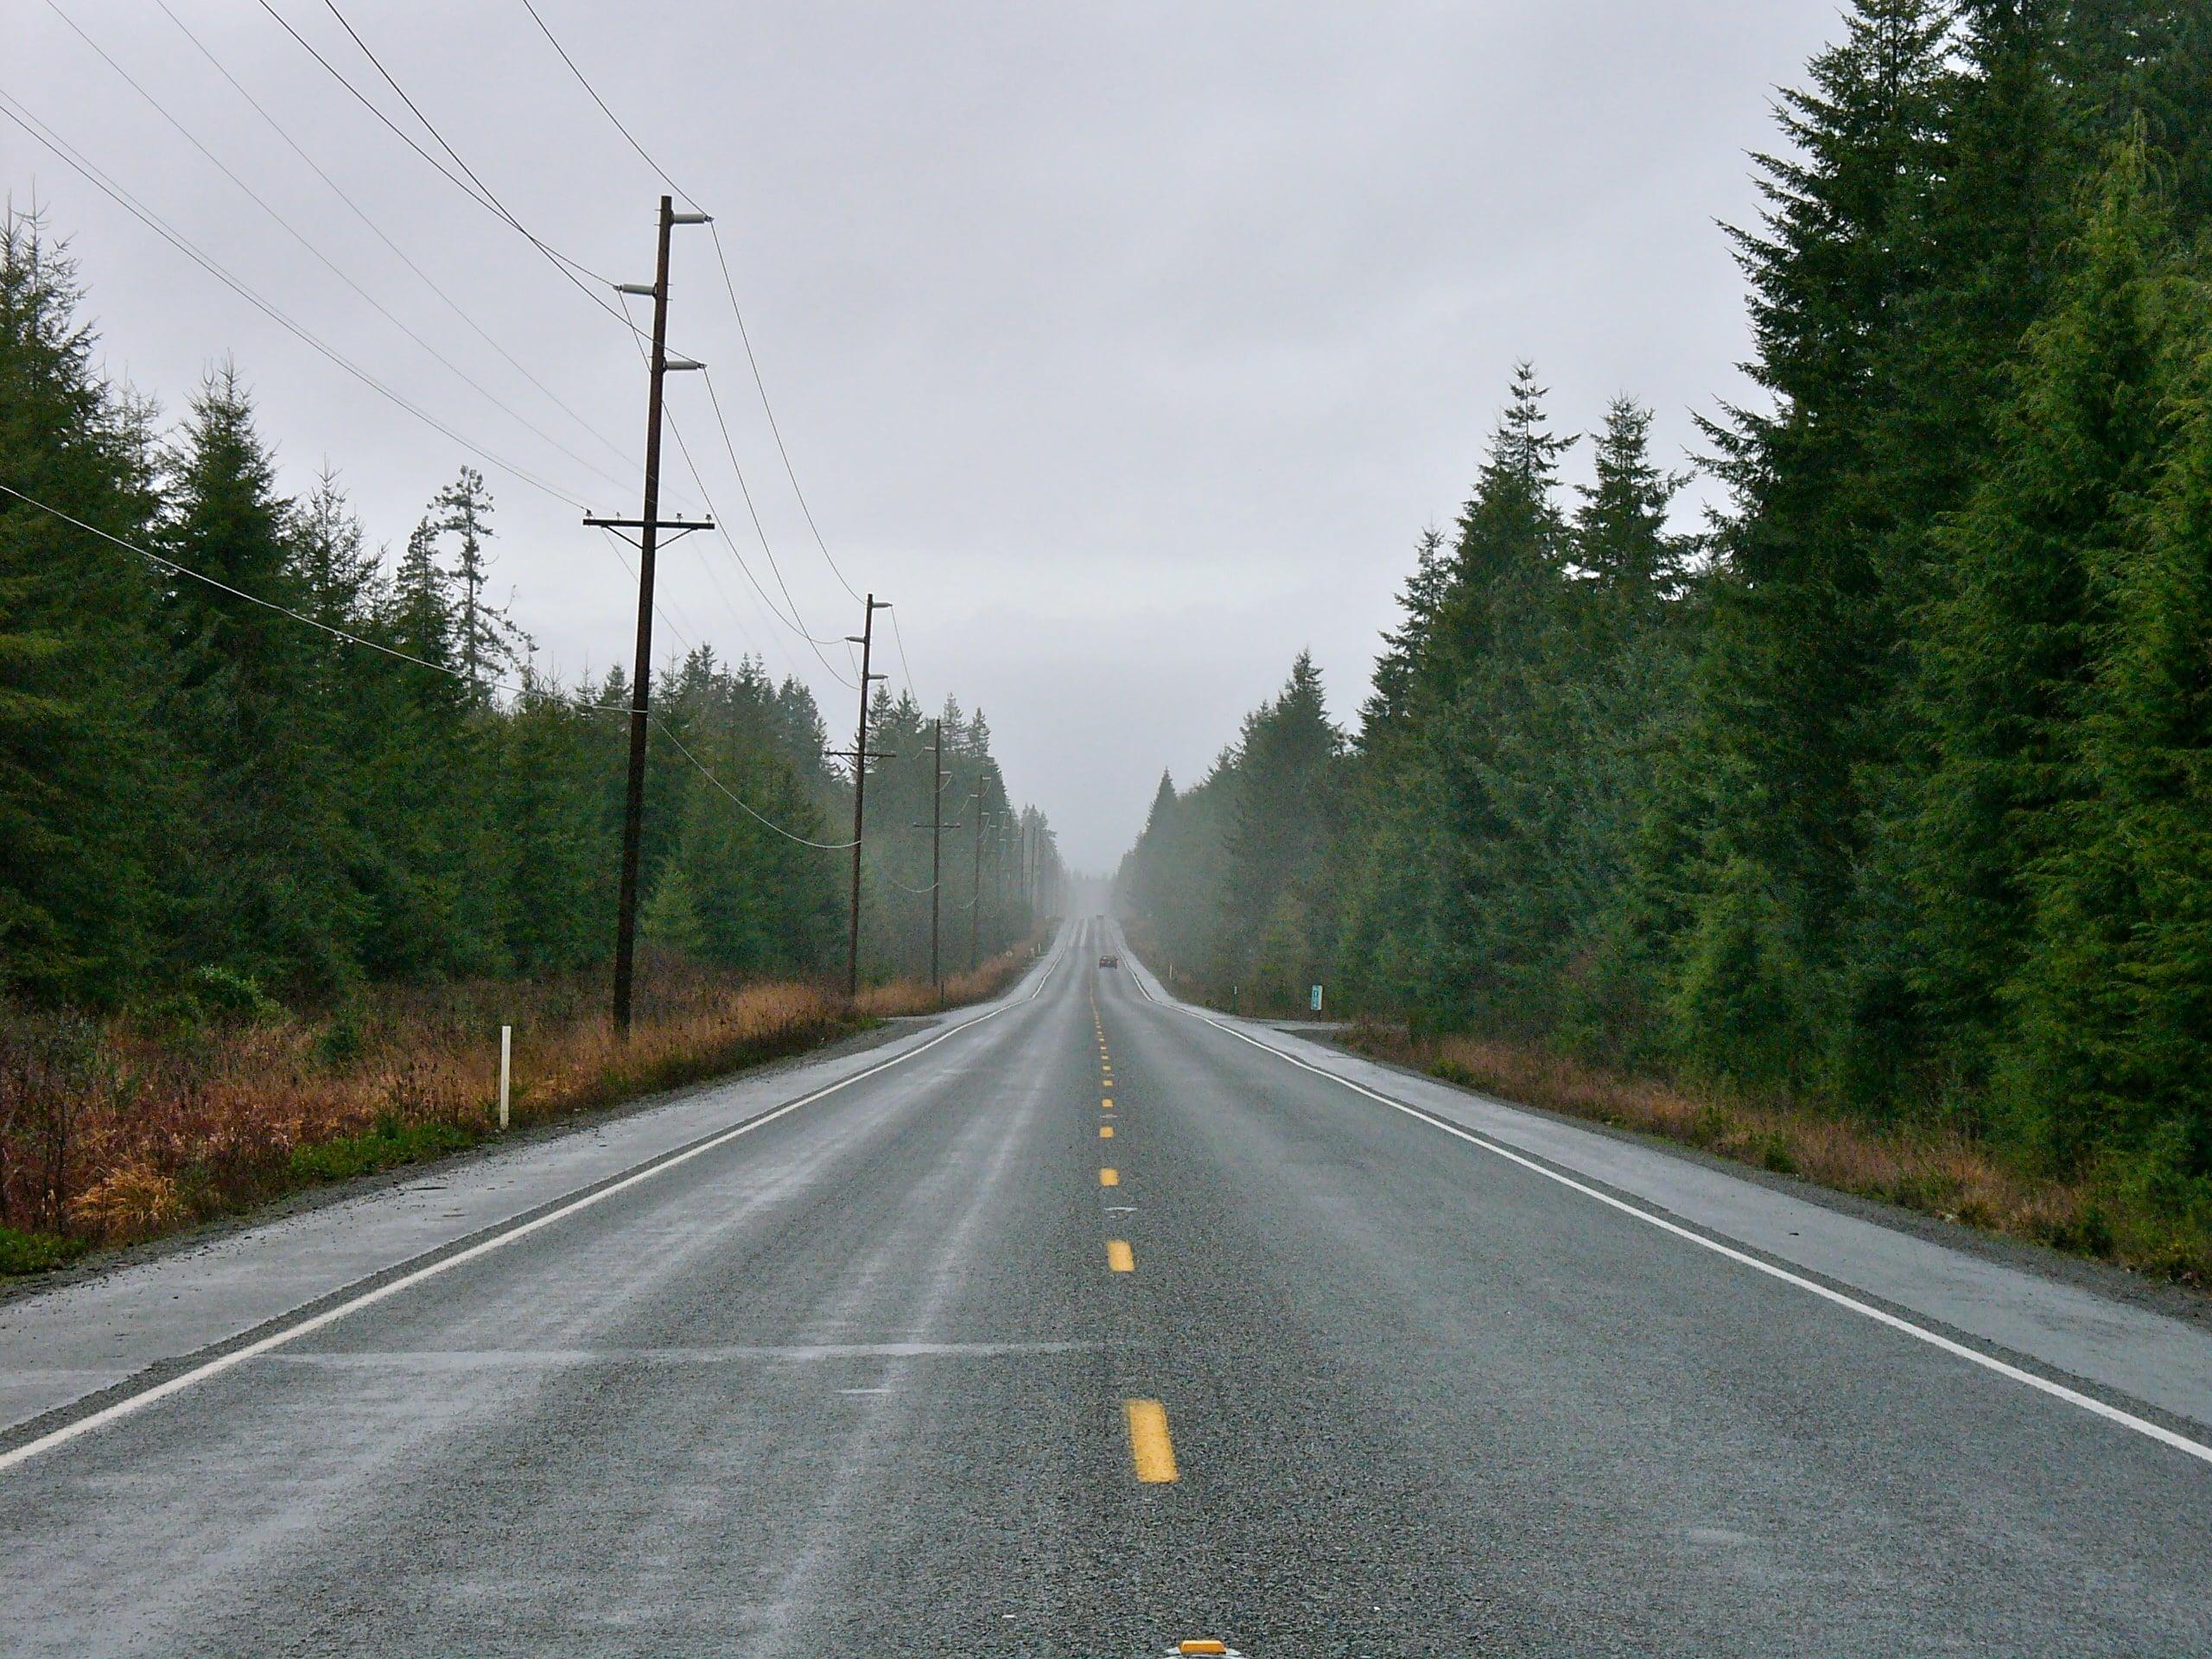 معرفی جادههای خطرناک جهان که هر رانندهای جرأت رانندگی در آنها را نخواهد داشت